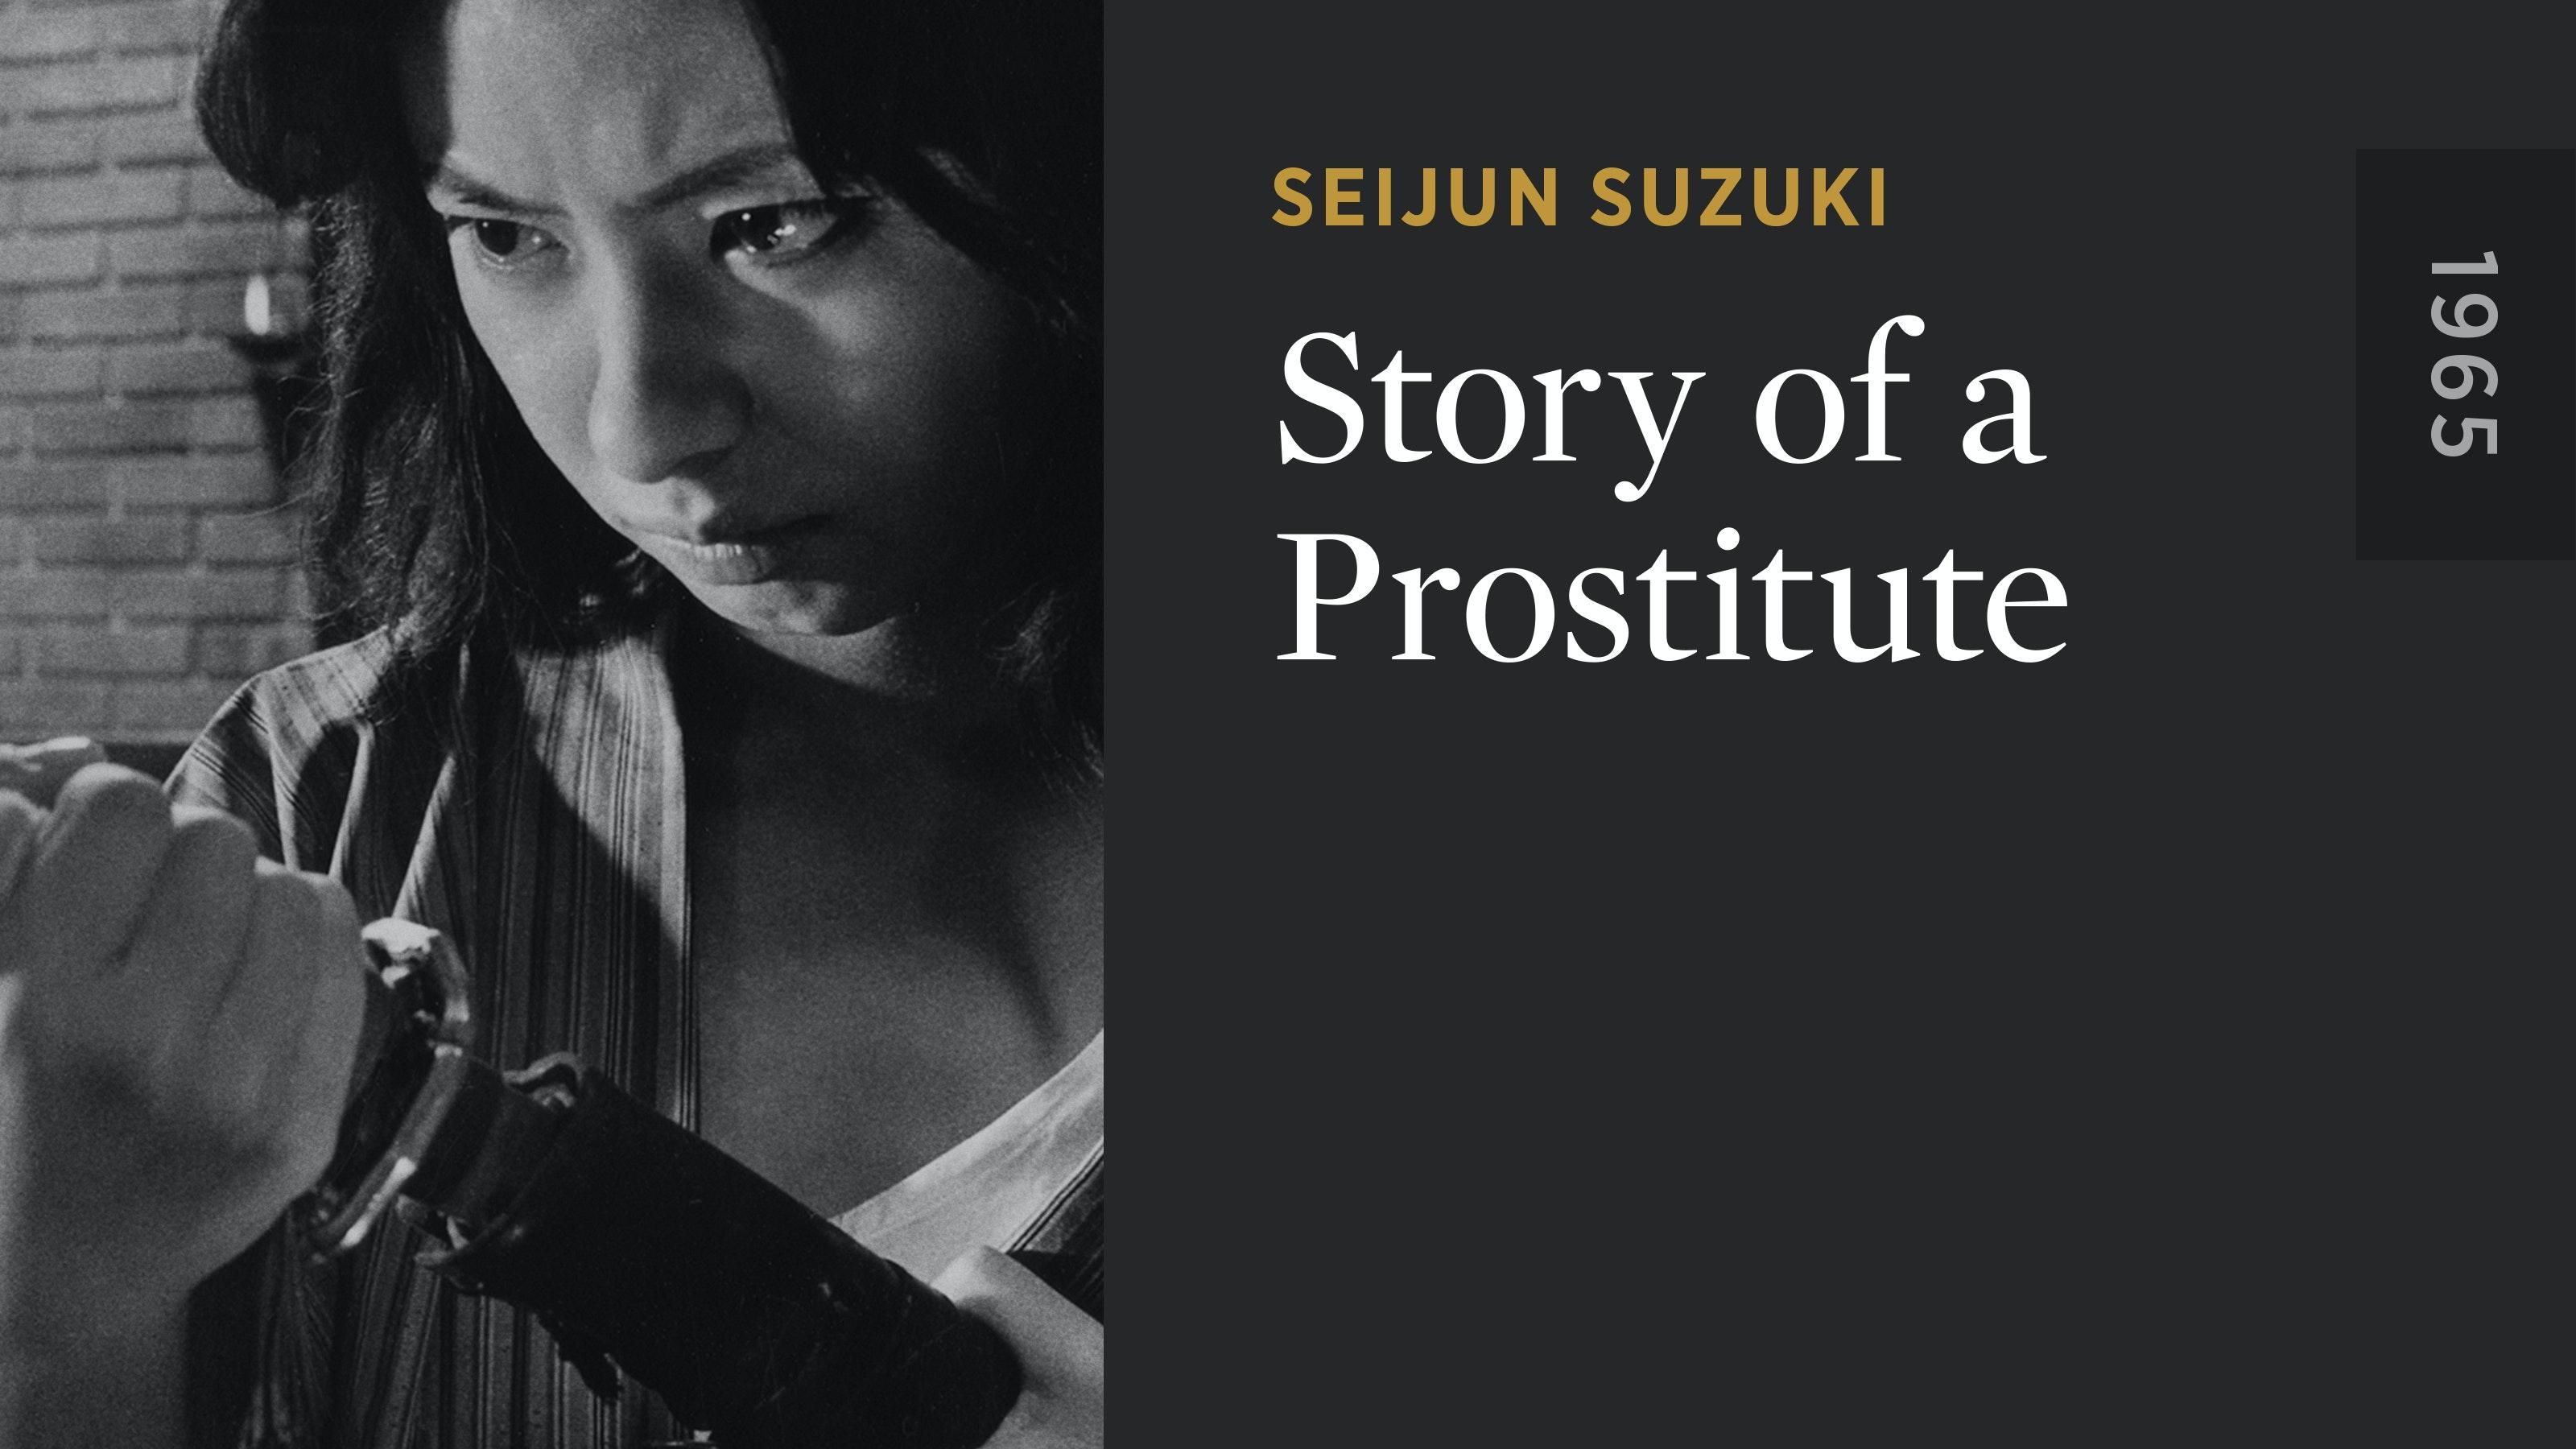 SEX AGENCY in Takeo